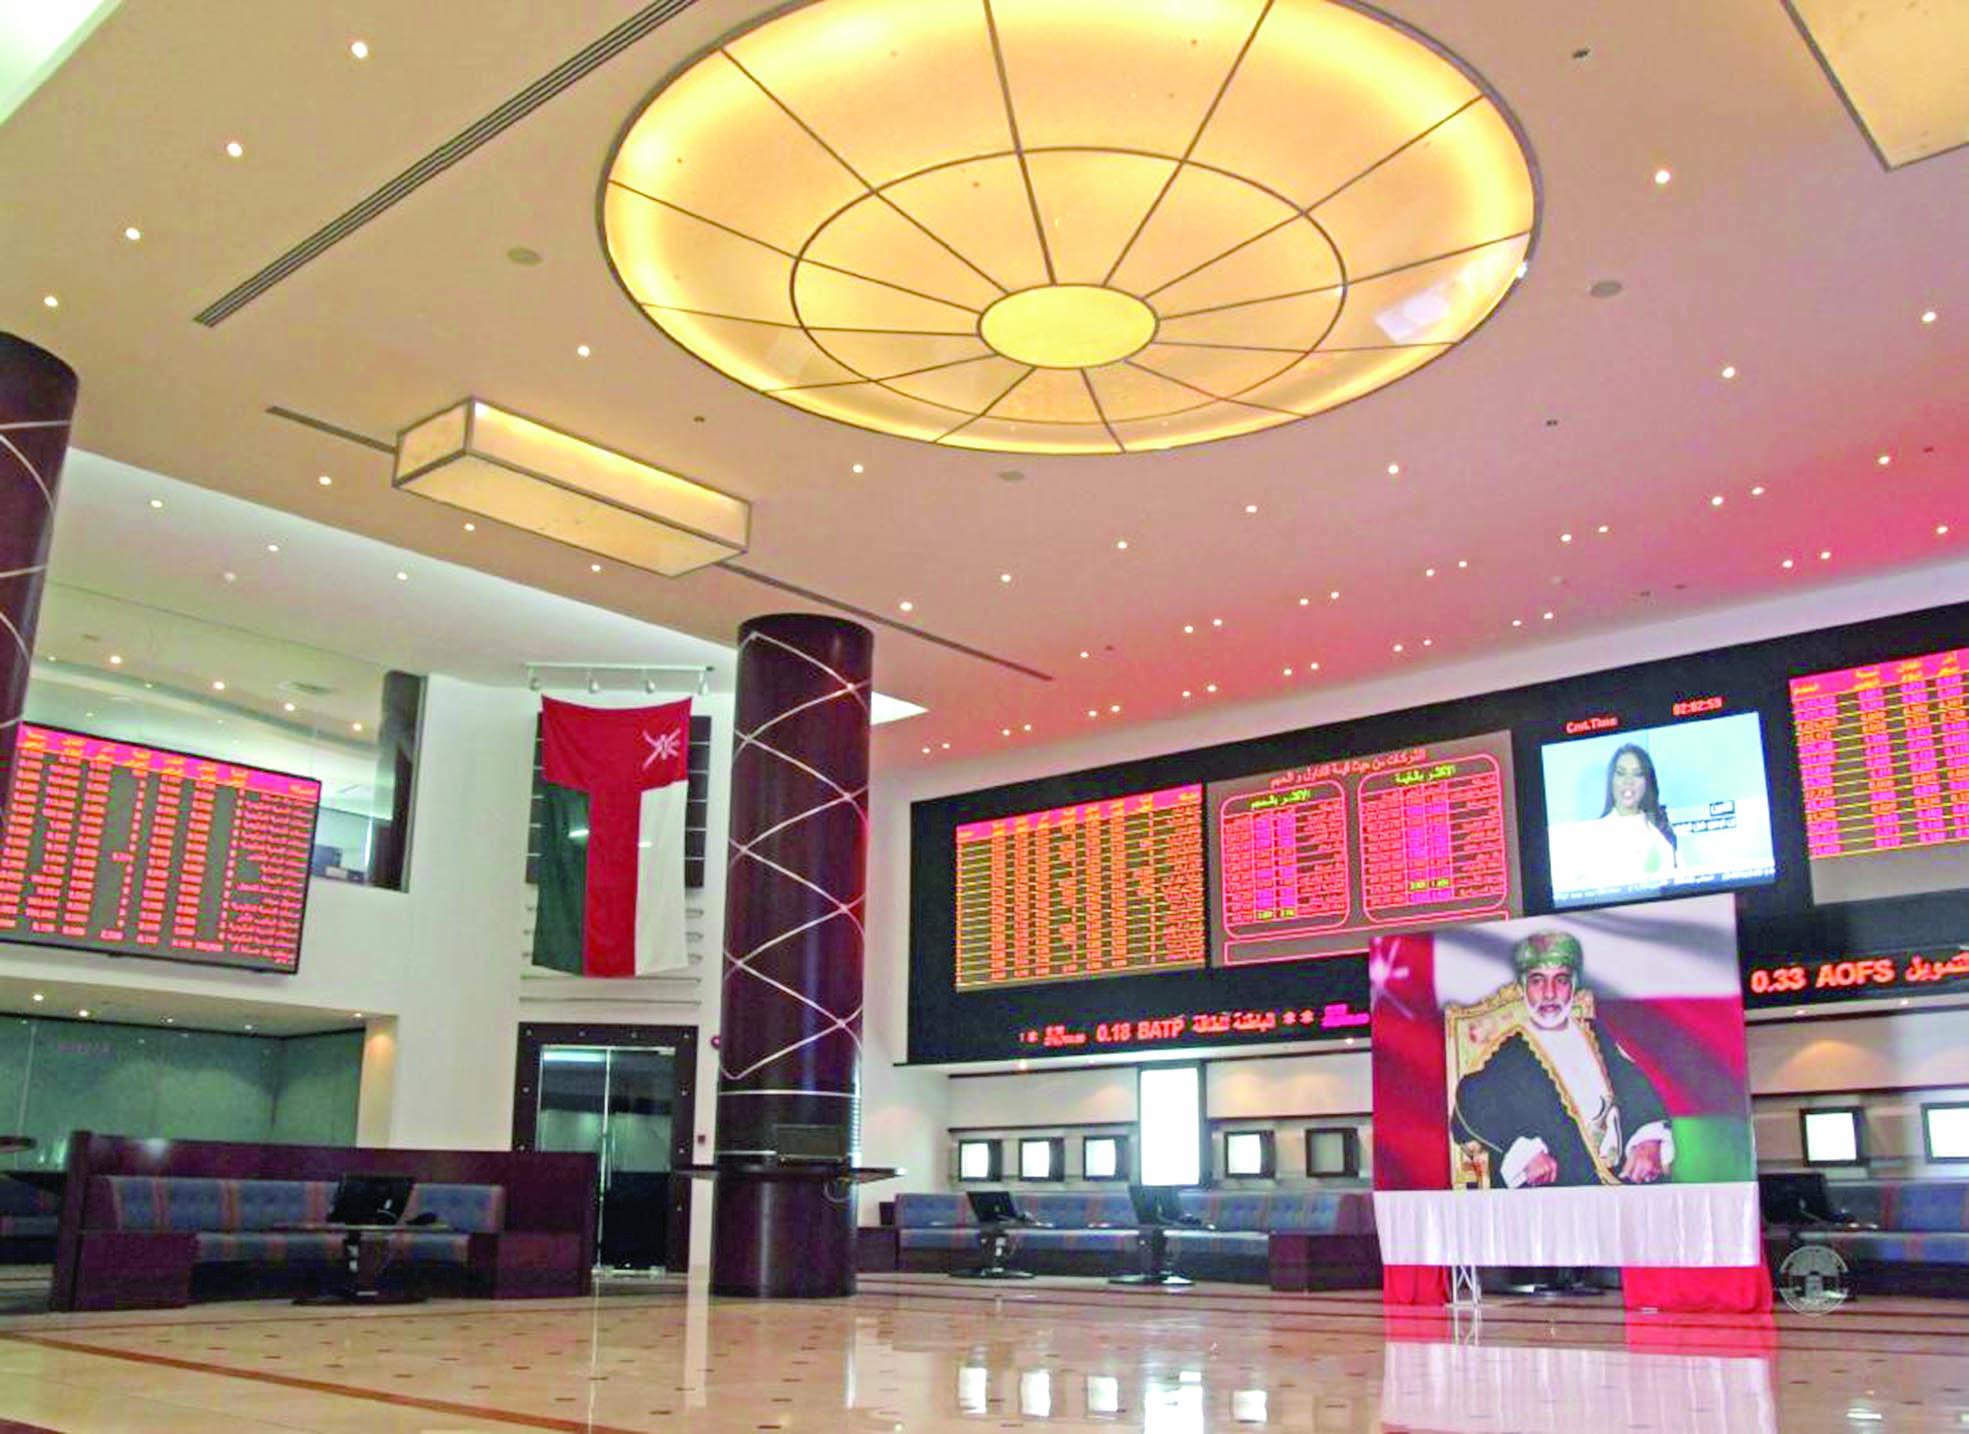 سوق مسقط يتراجع 10 نقاط مع ضعف الإقبال على التداول